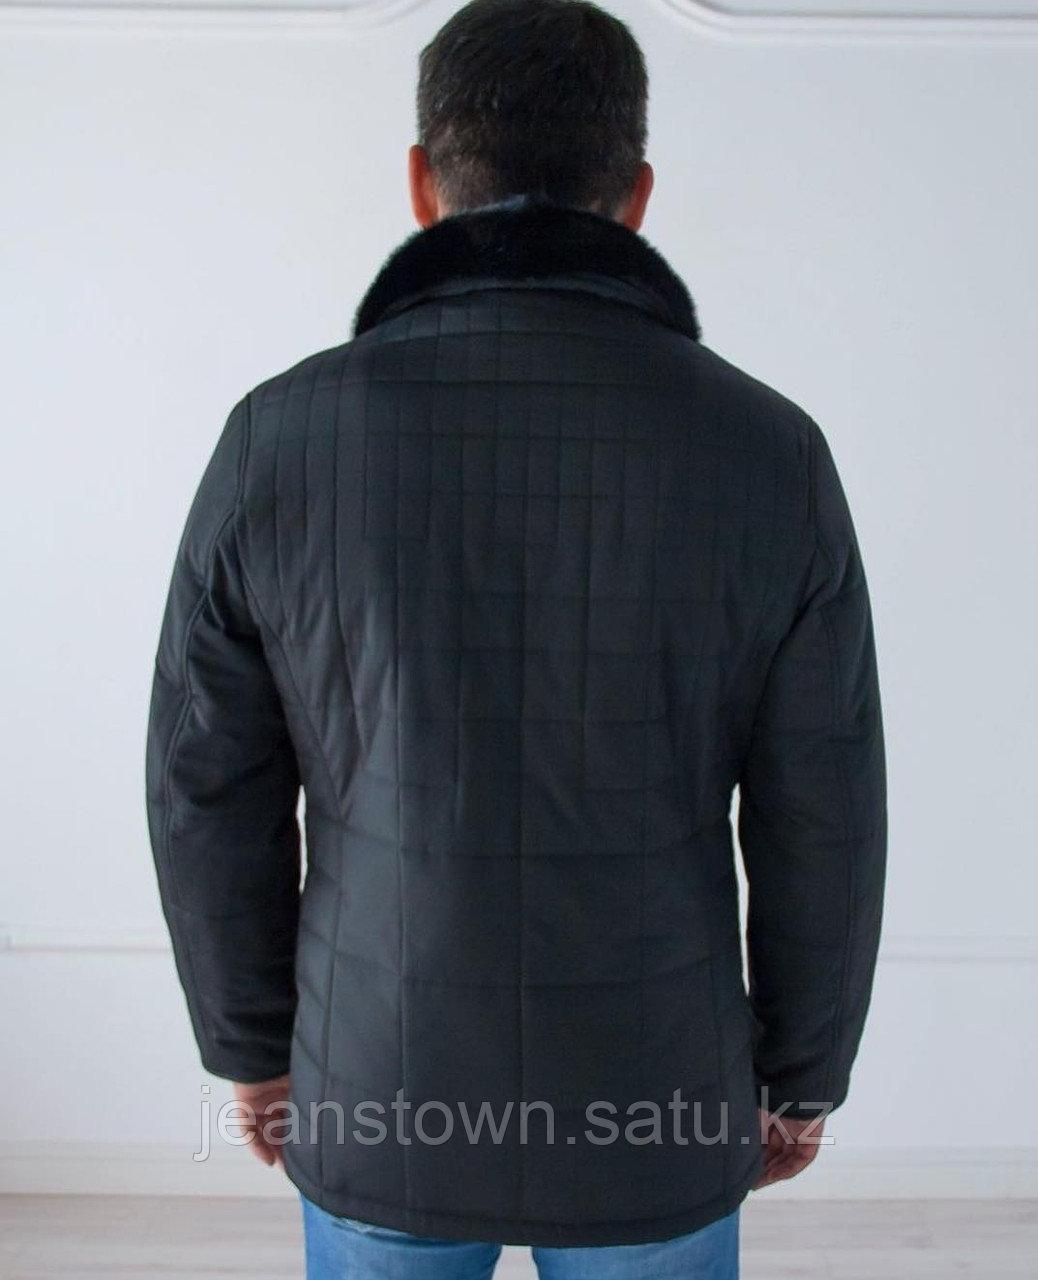 Куртка City Class мужская зимняя ,мех норки на воротнике - фото 2